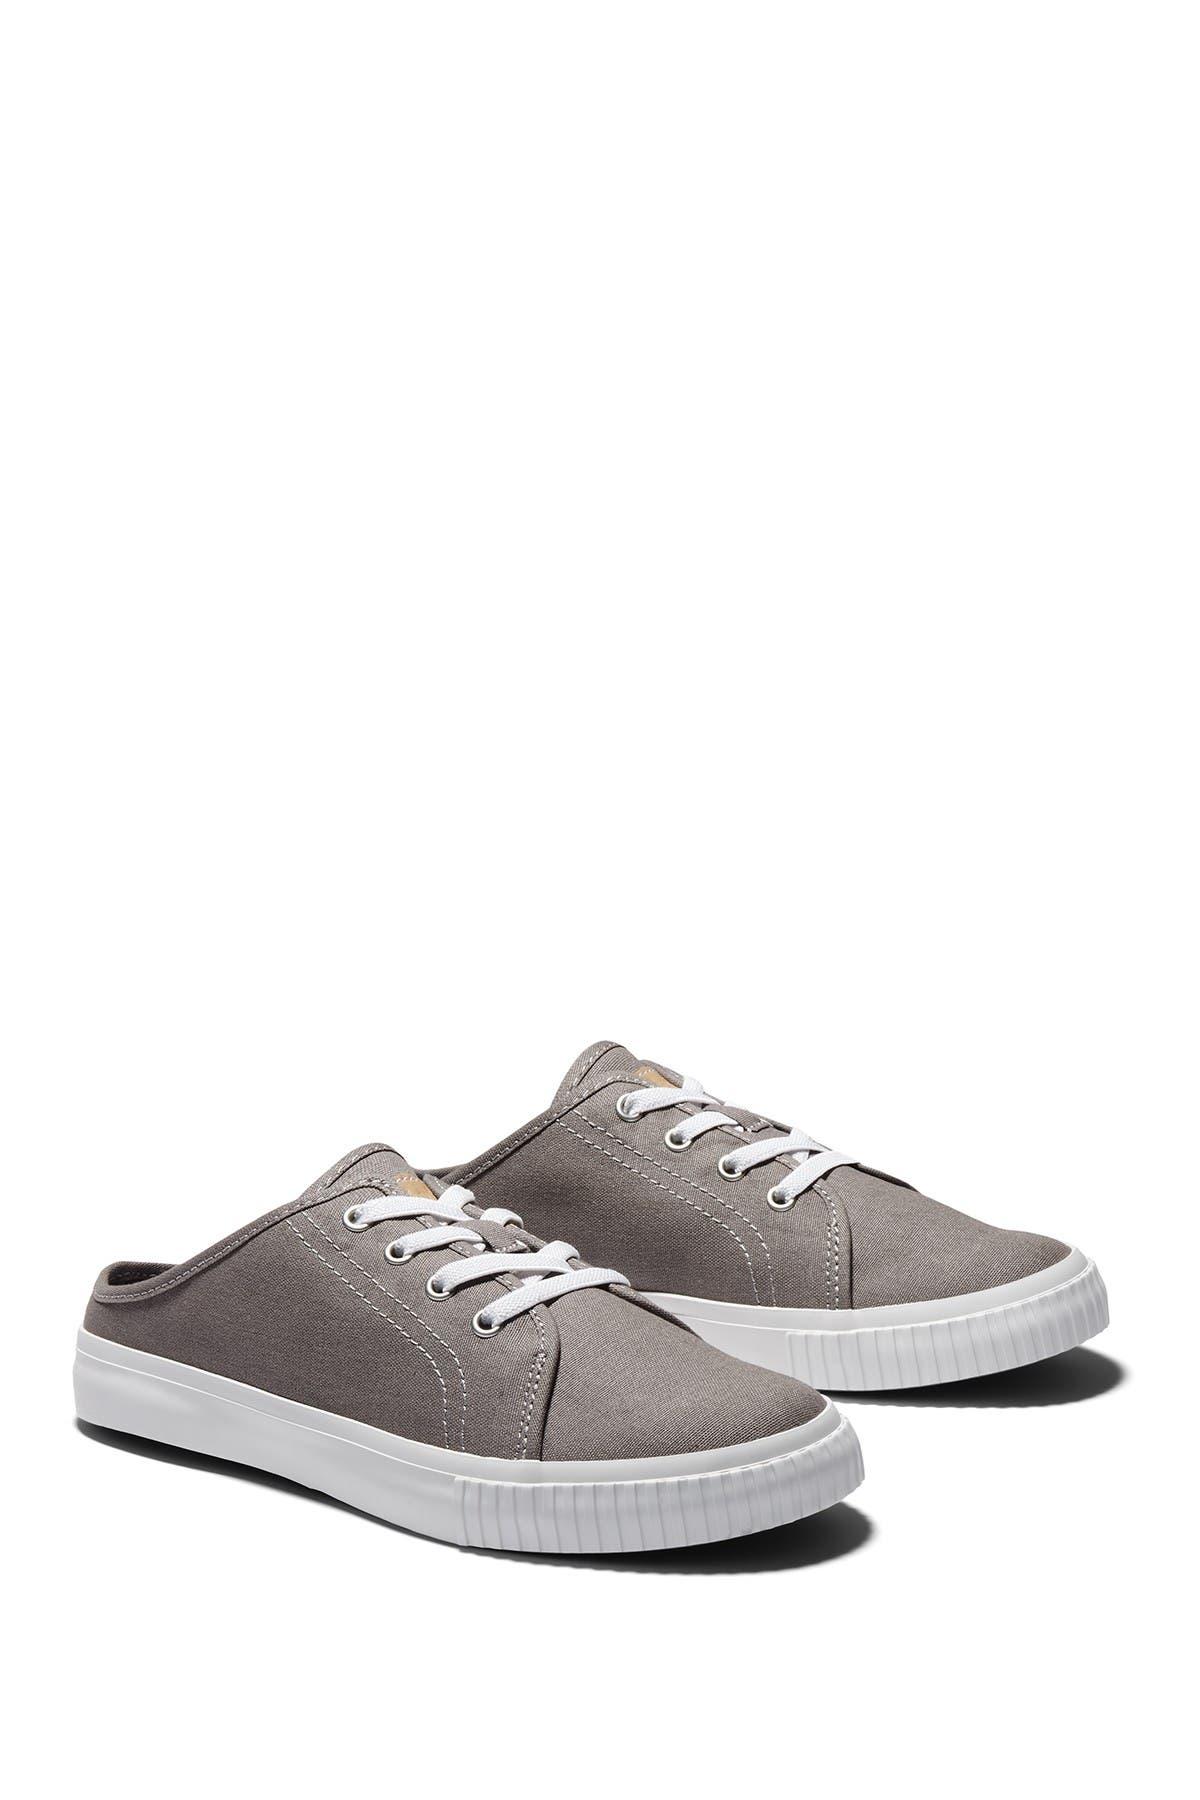 Skyla Bay Canvas Mule Sneaker